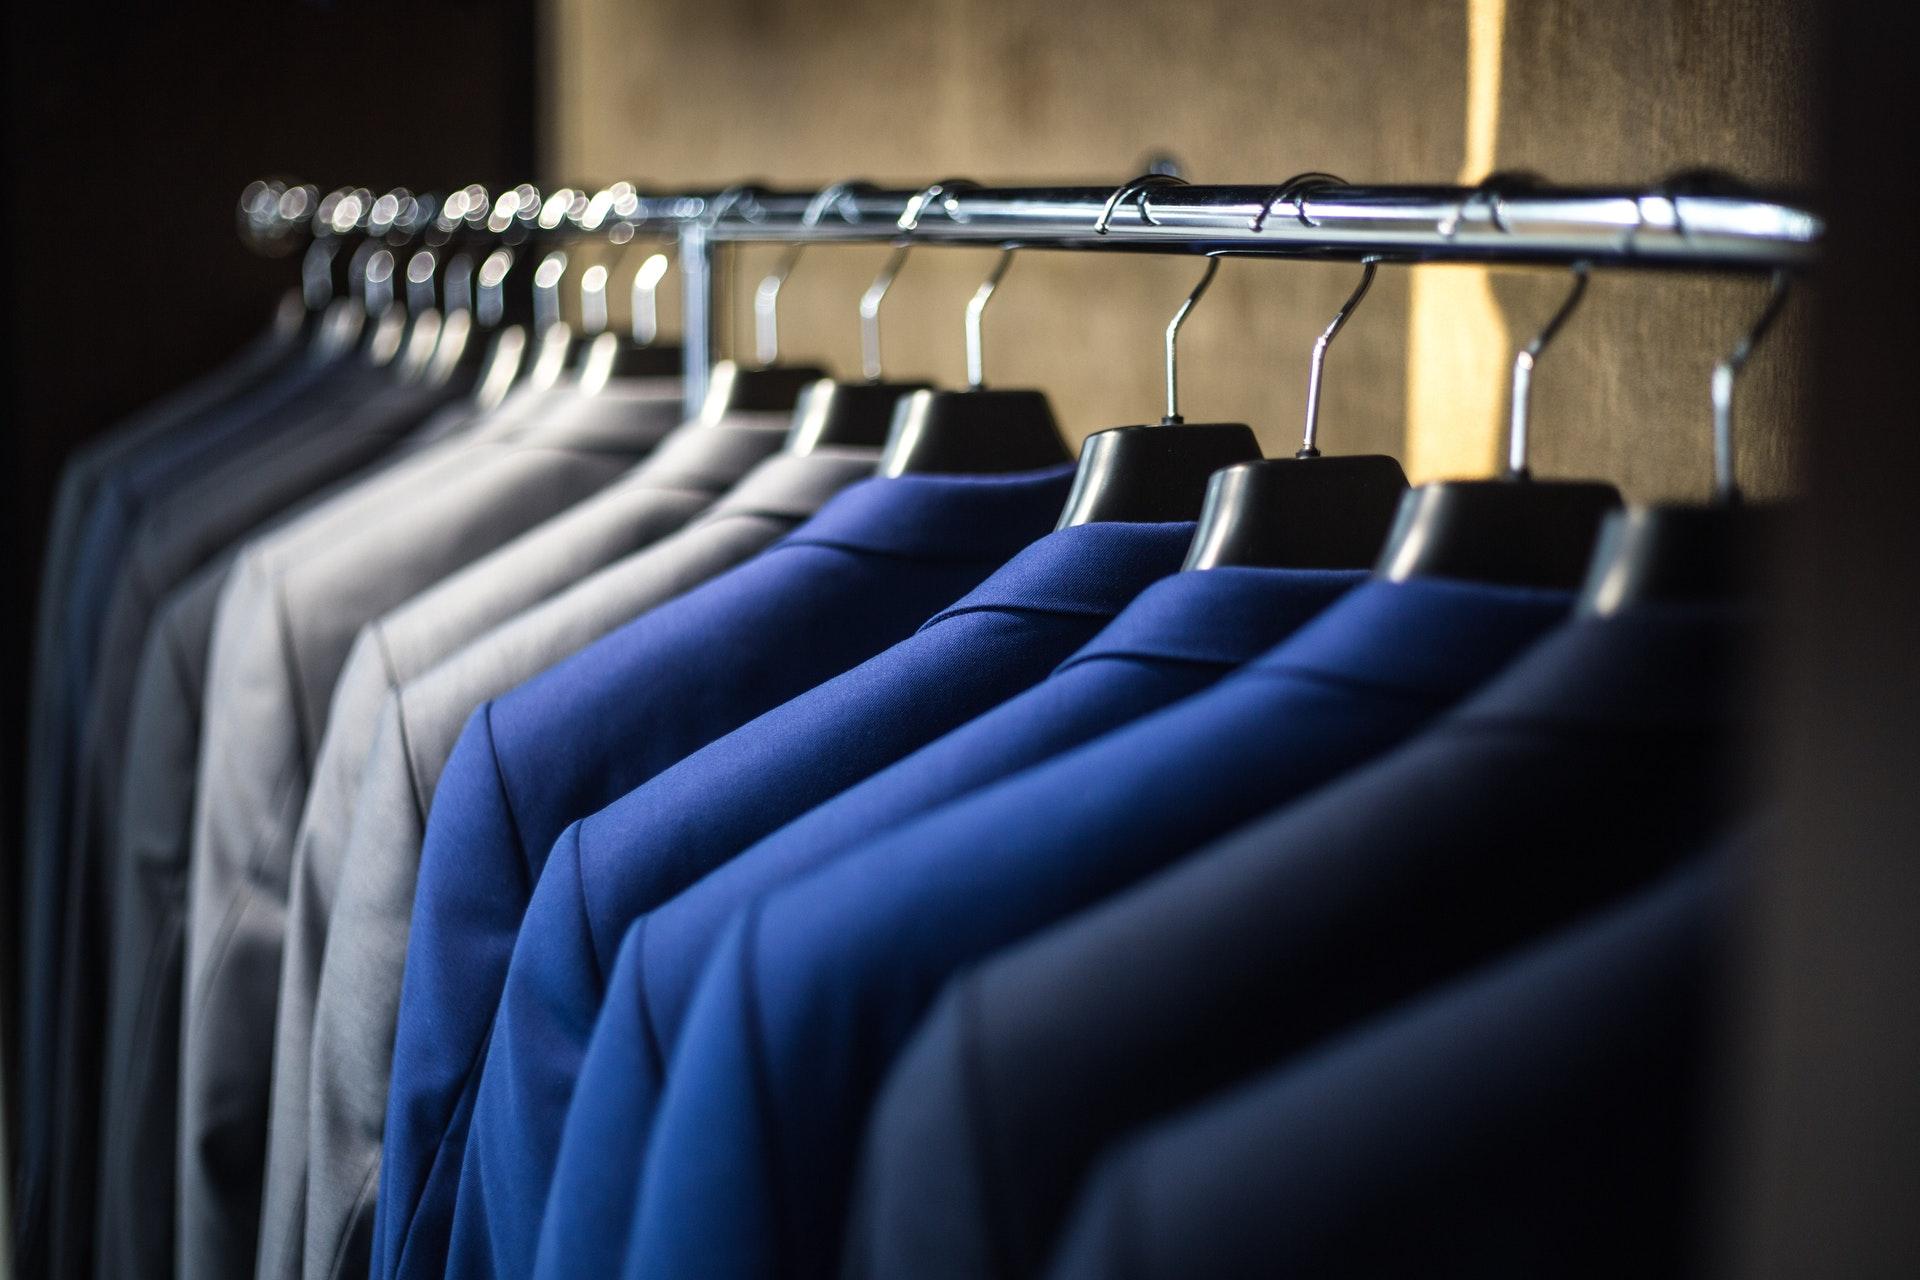 Funkcjonalna szafa - na co zwrócić uwagę przy zakupie